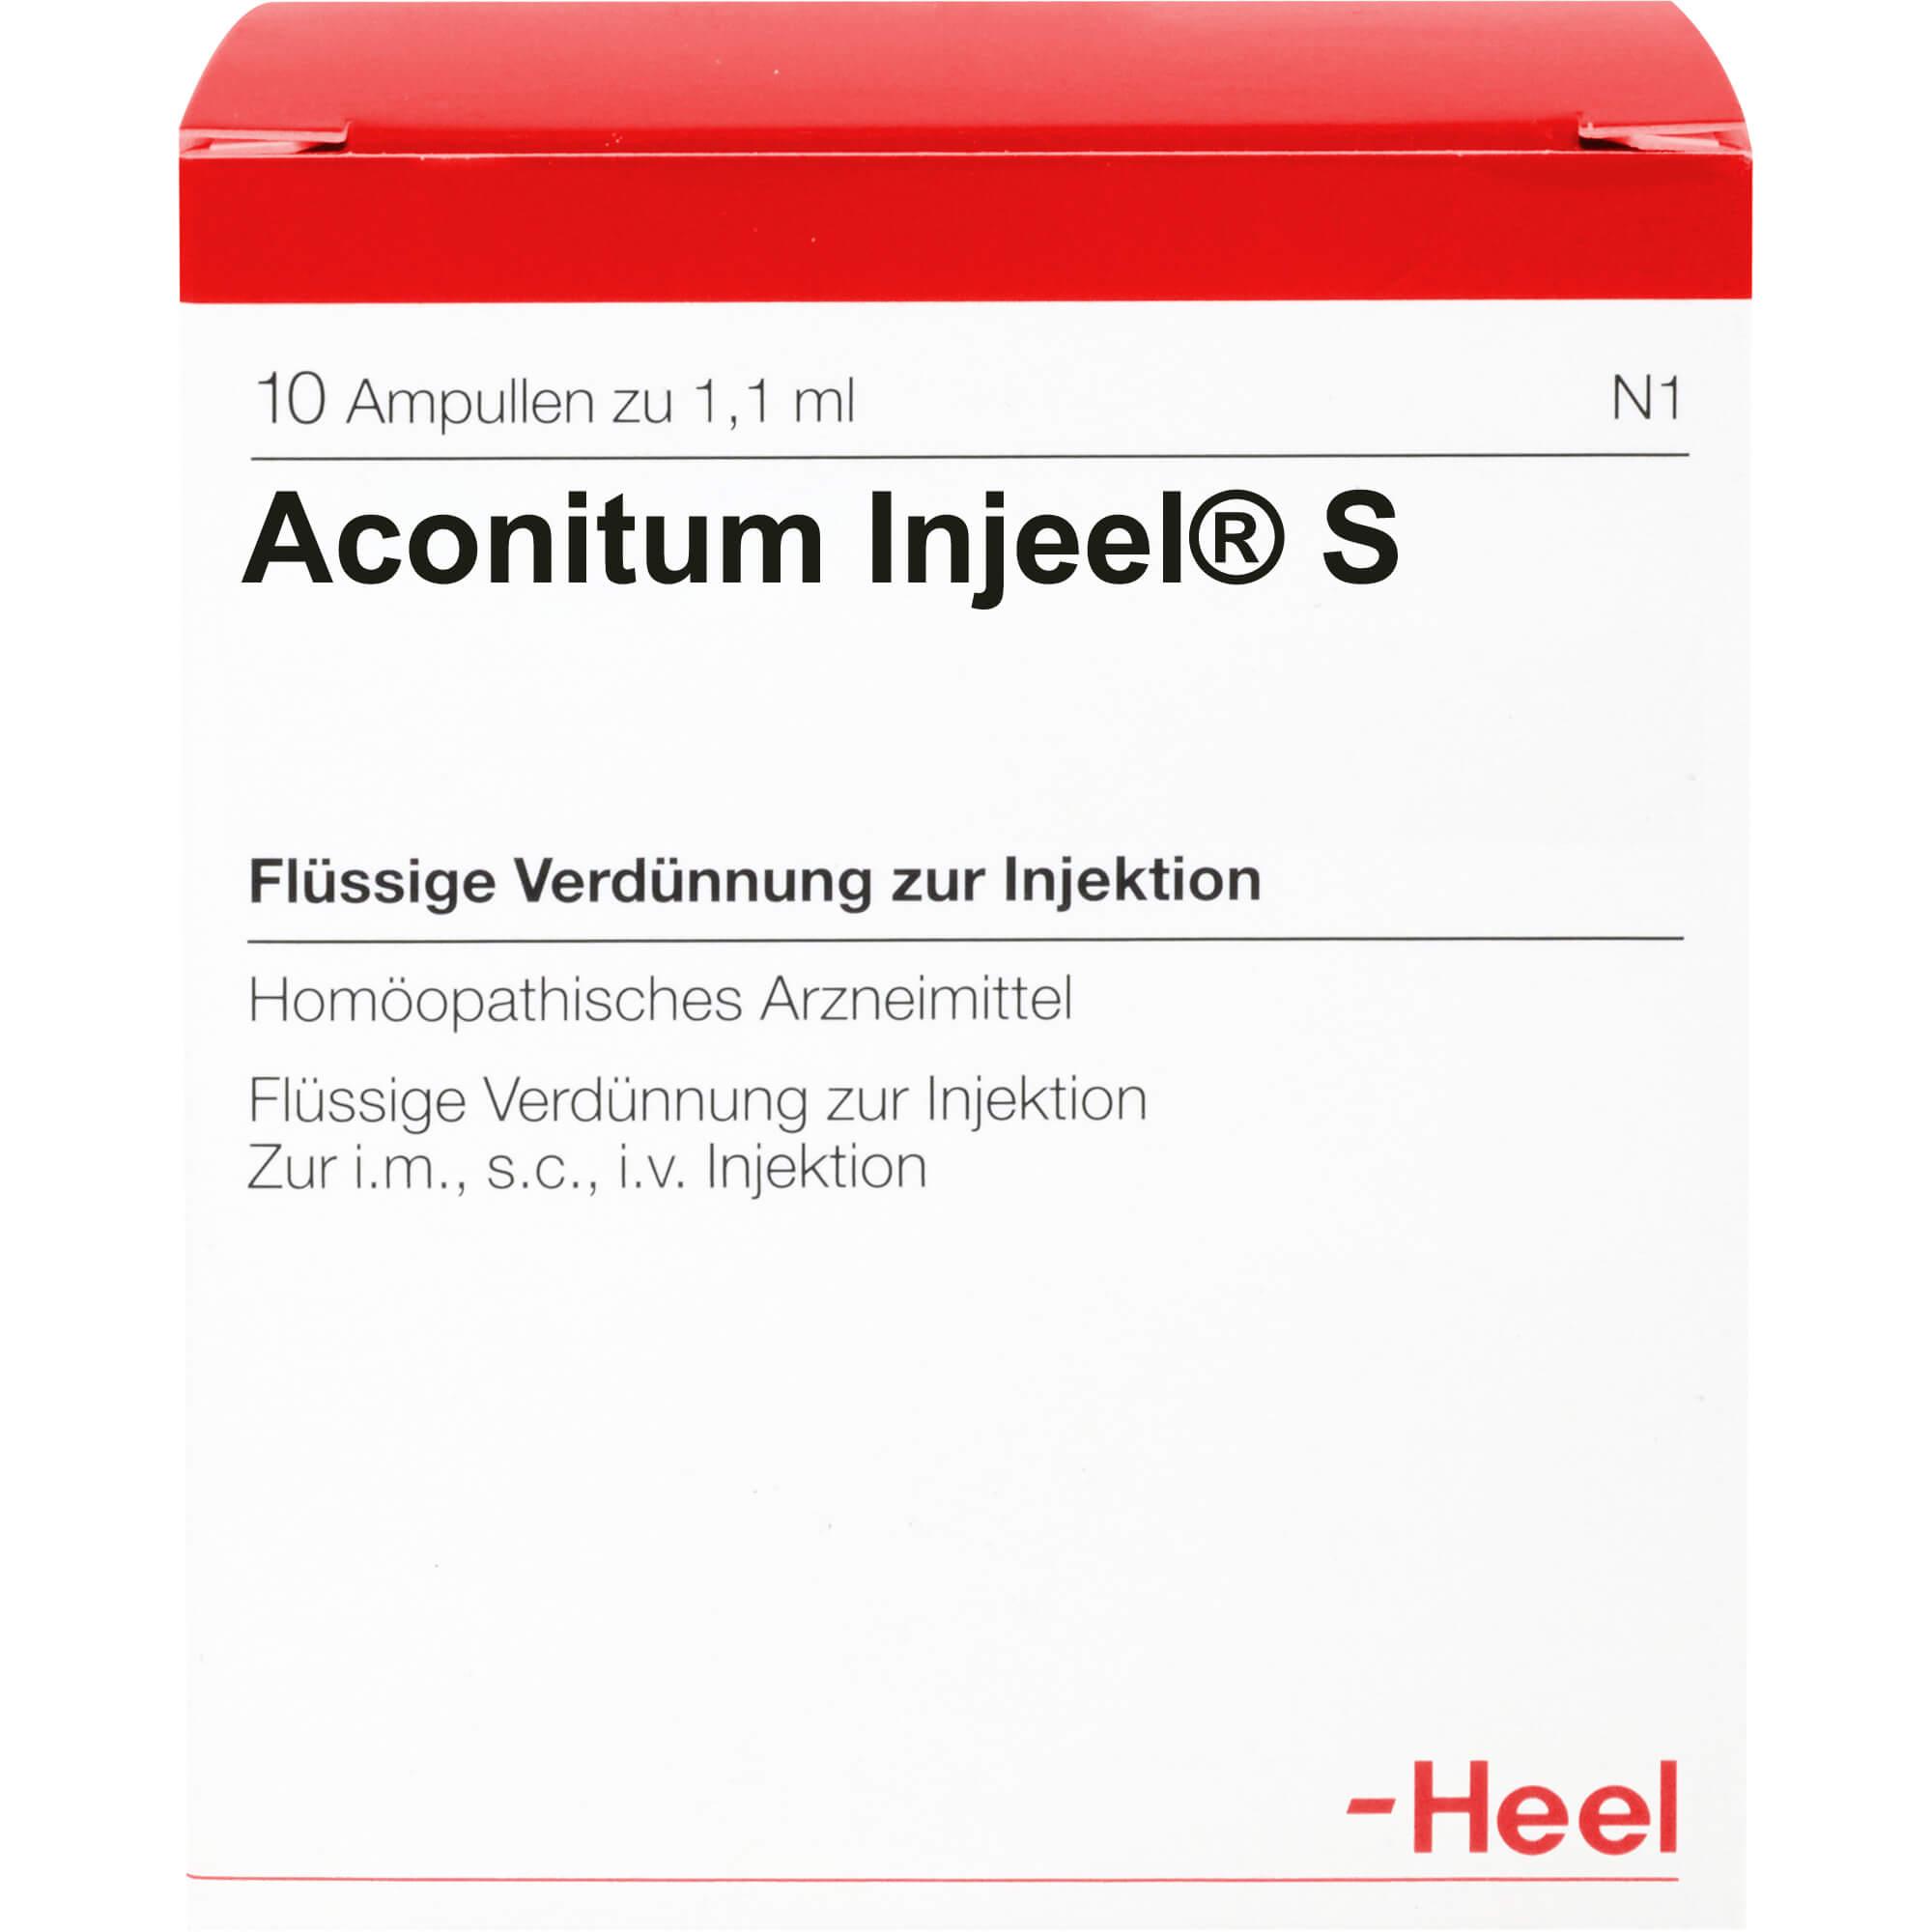 ACONITUM-INJEEL-S-Ampullen